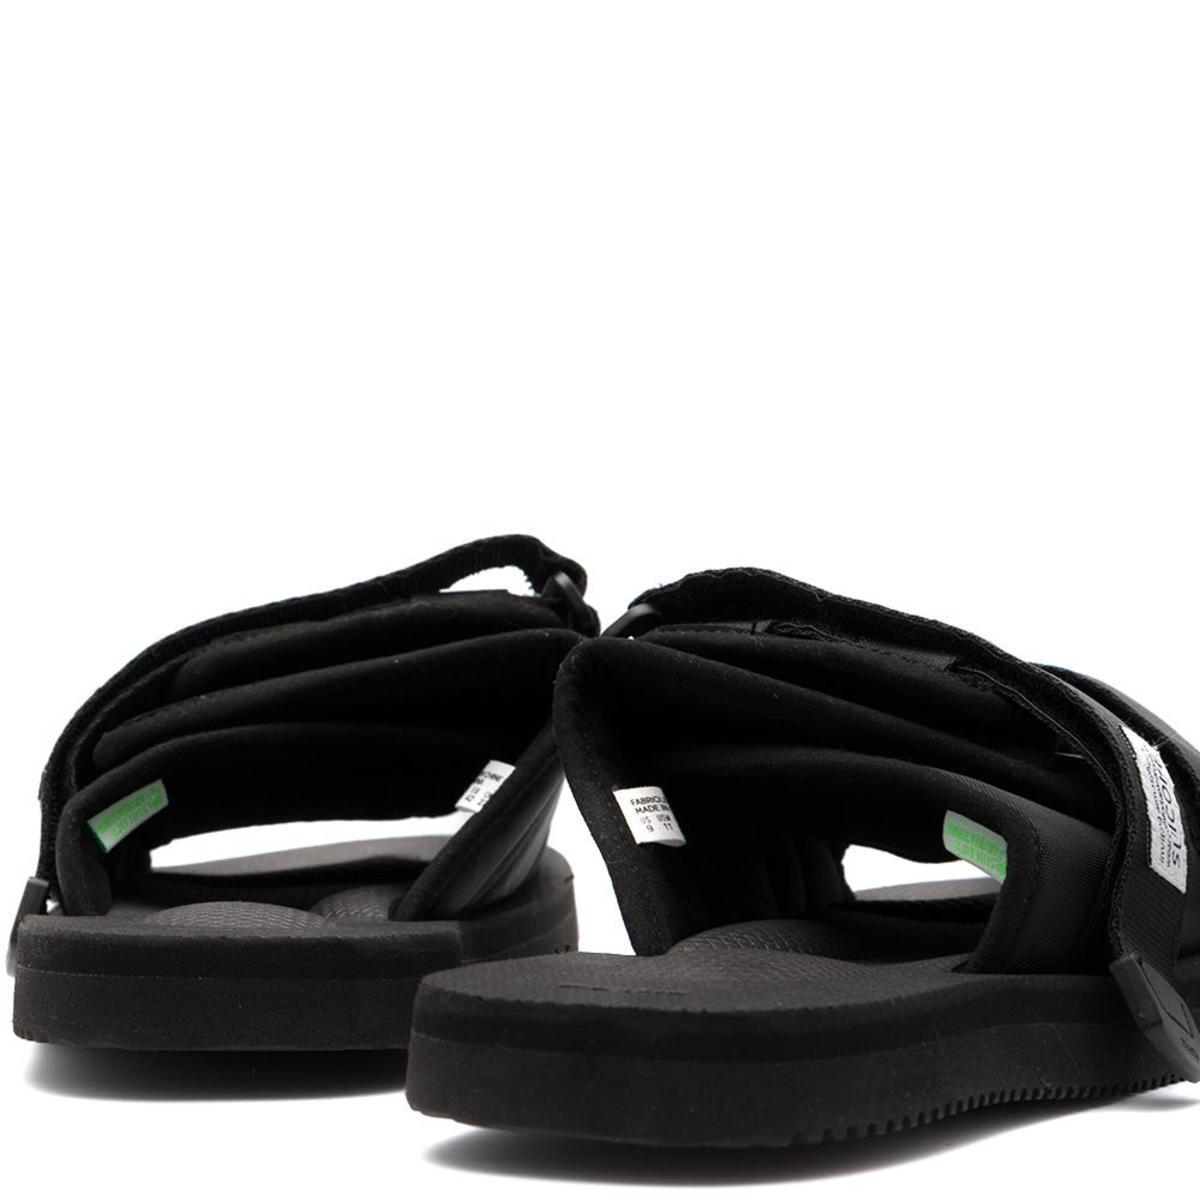 e8d622f6ecee Suicoke Moto-Cab Sandal - Black